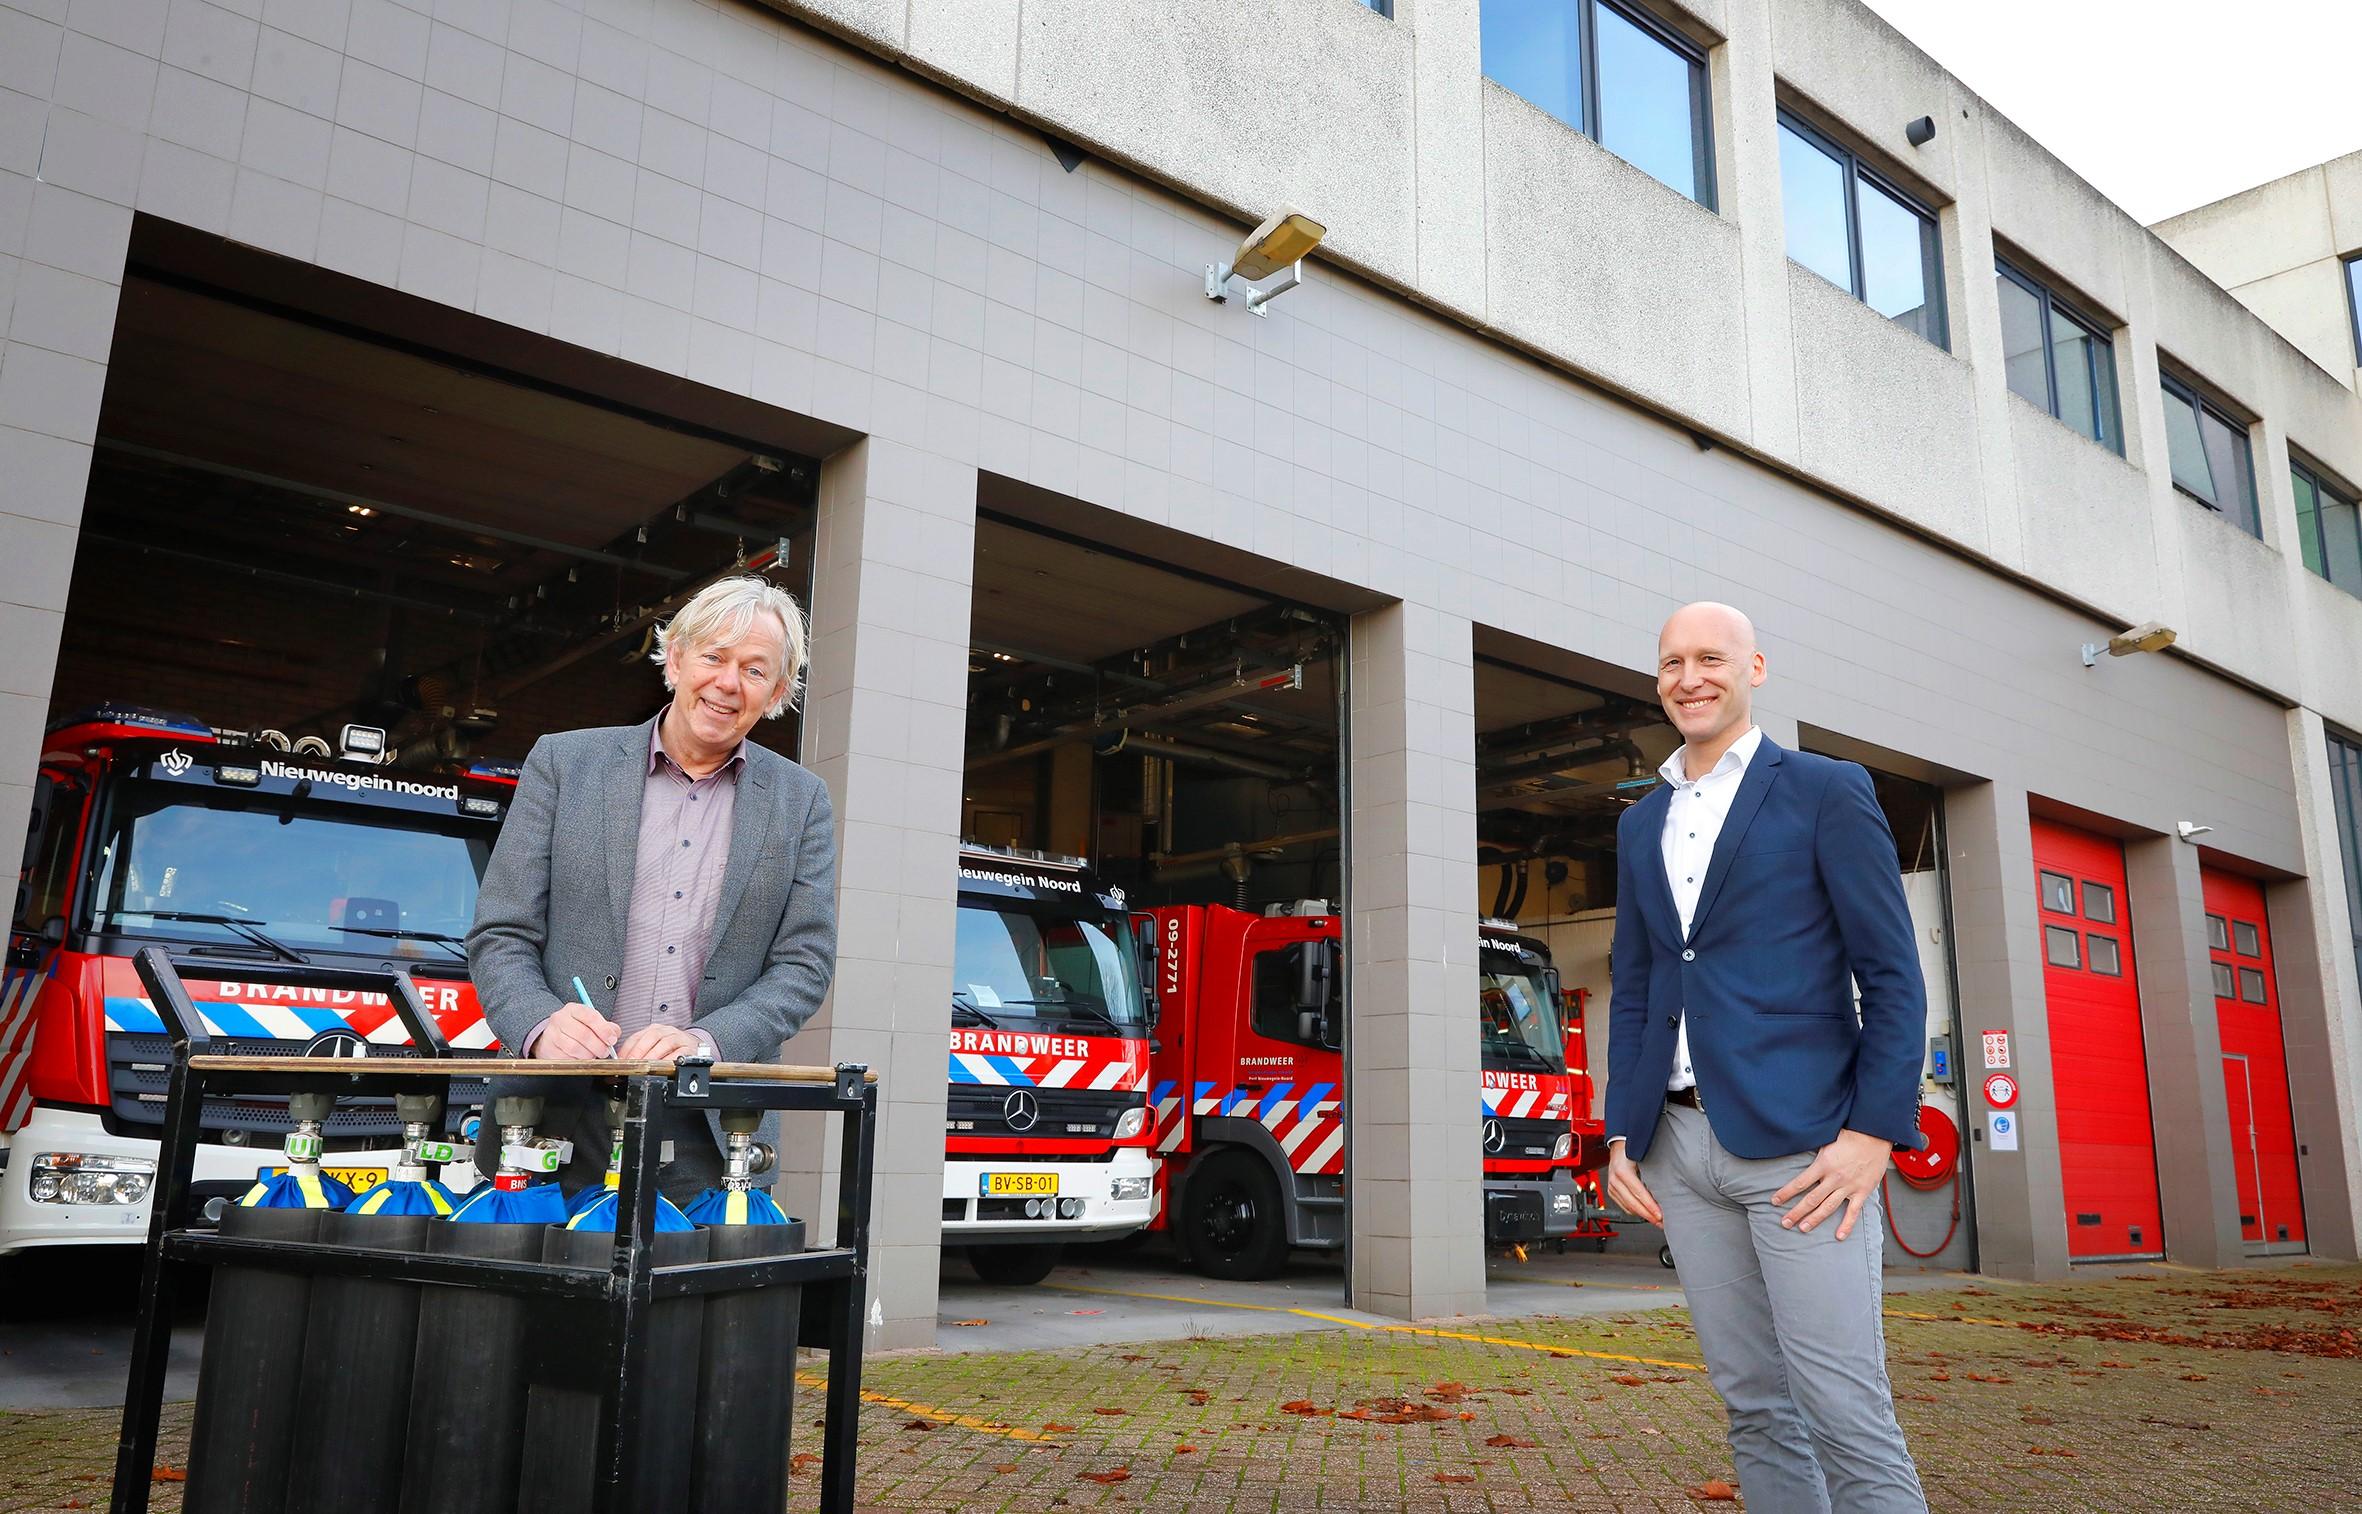 Verduurzamen vastgoed gemeente Nieuwegein